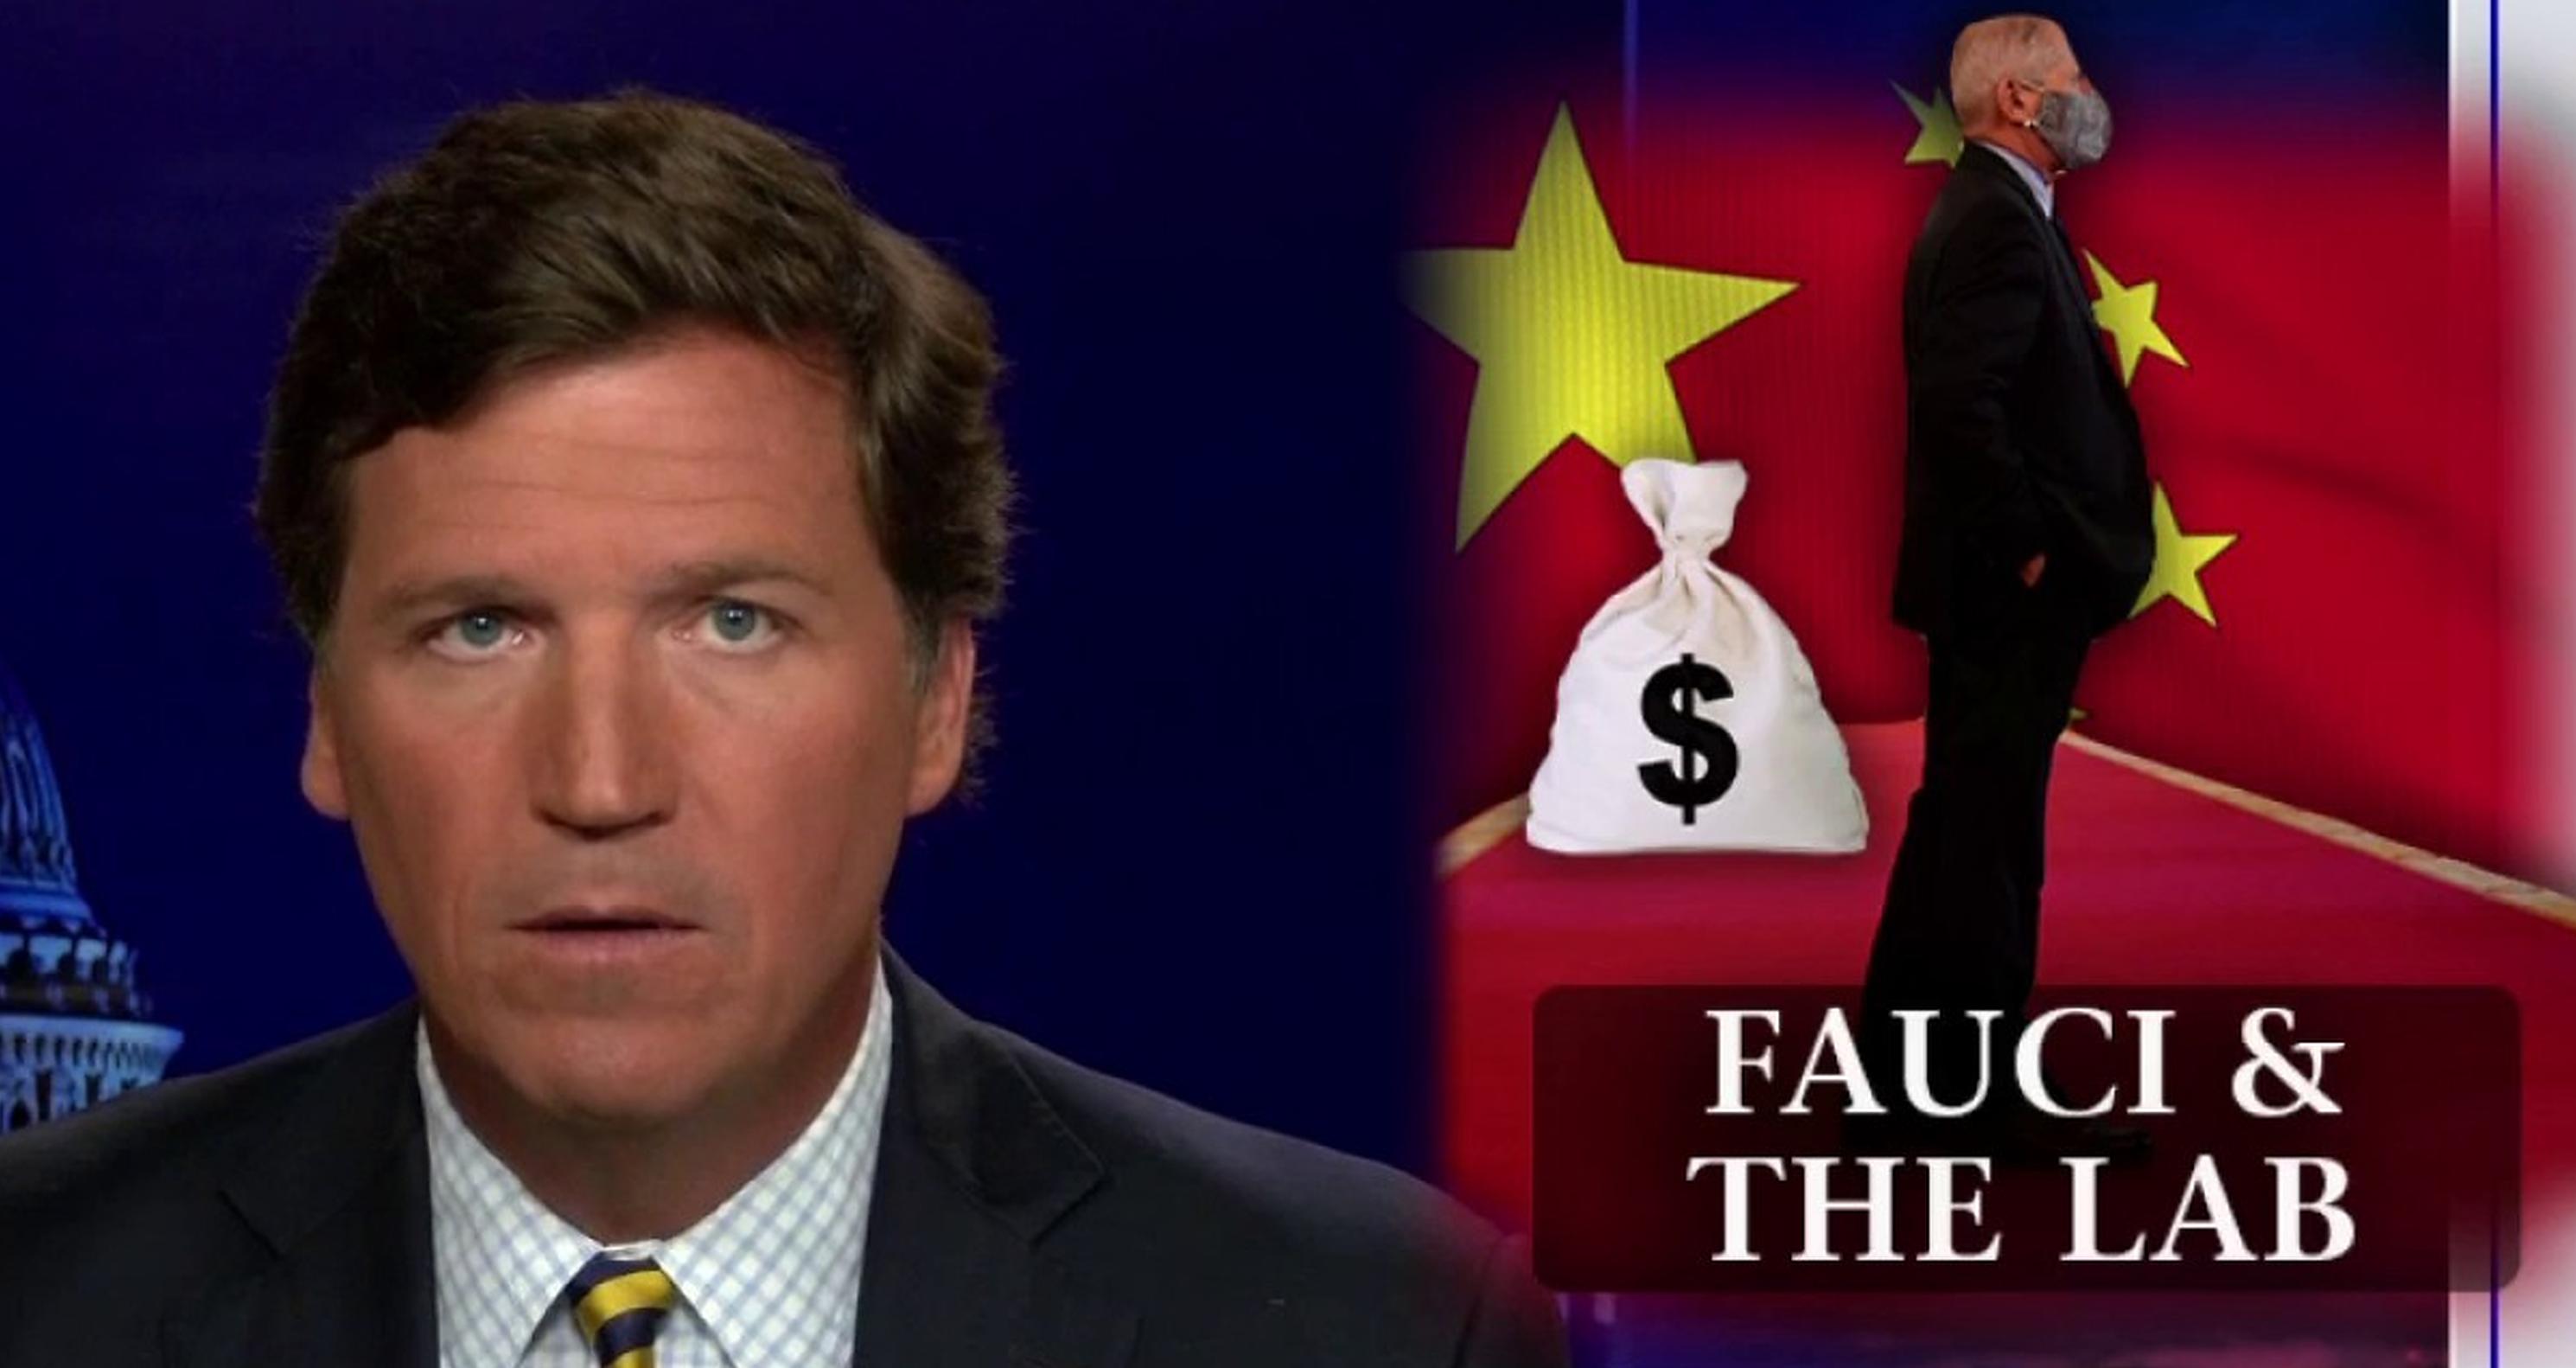 """Anthony Fauci a autorizat finanțarea laboratorului din Wuhan. """"Este responsabil pentru epidemia Covid"""", afirmă realizatorul TV Tucker Carlson"""